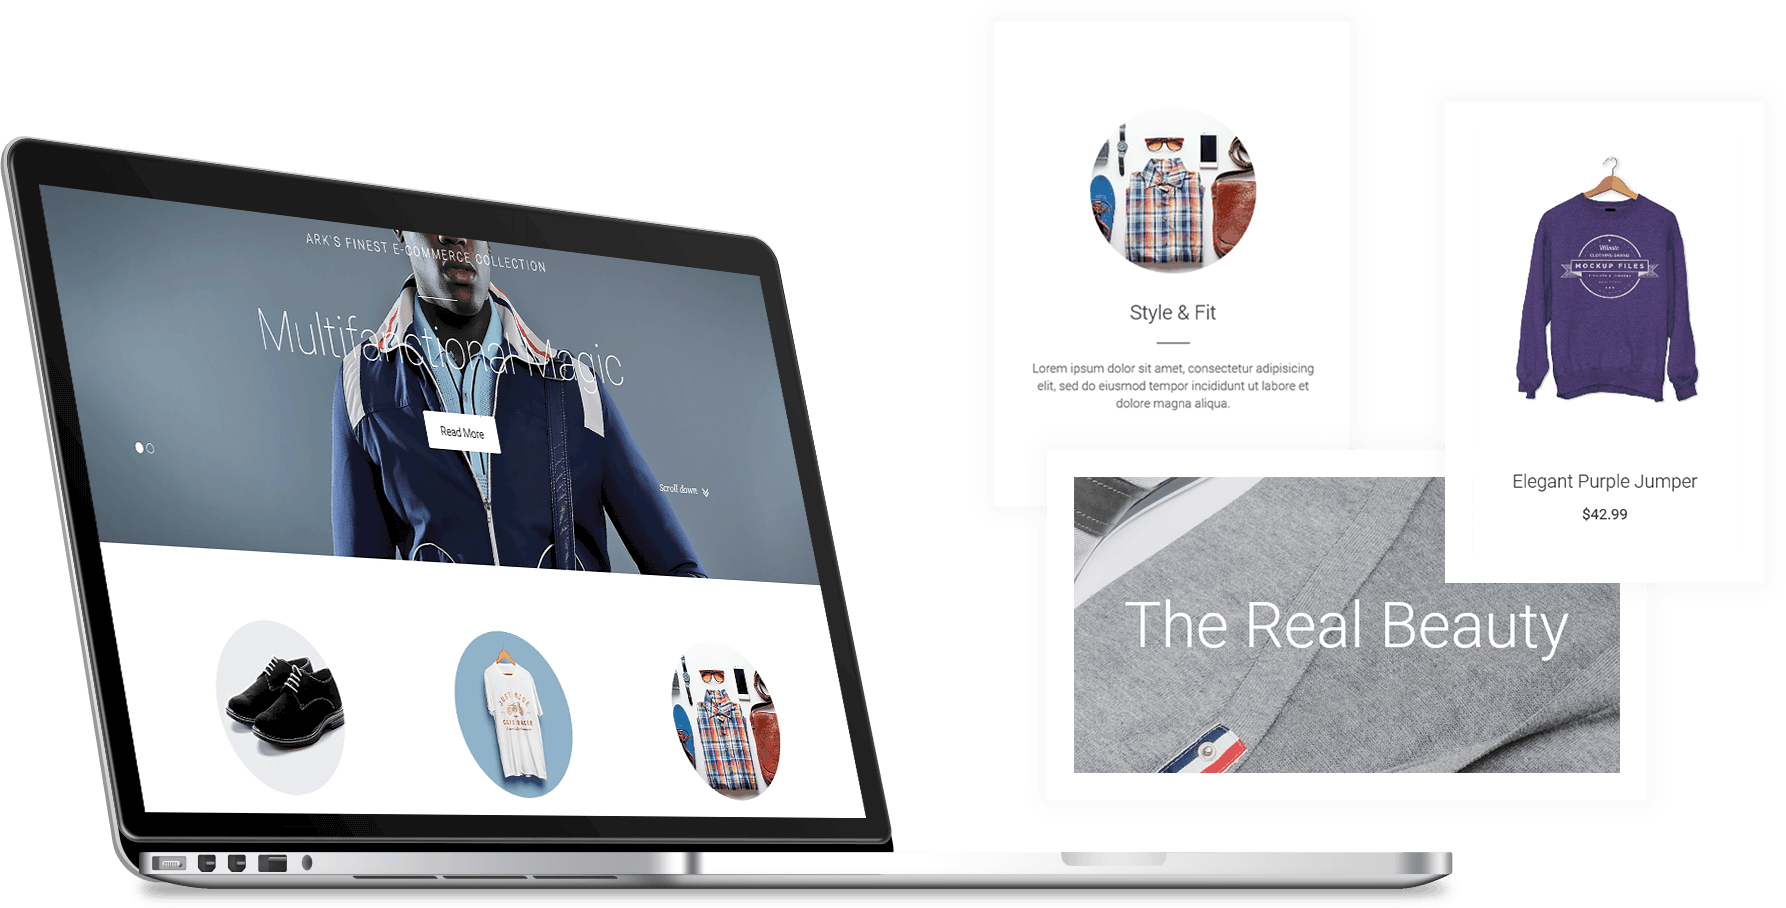 e commerce 02 - Realizzazione siti E-commerce - Web Agency Napoli Flashex